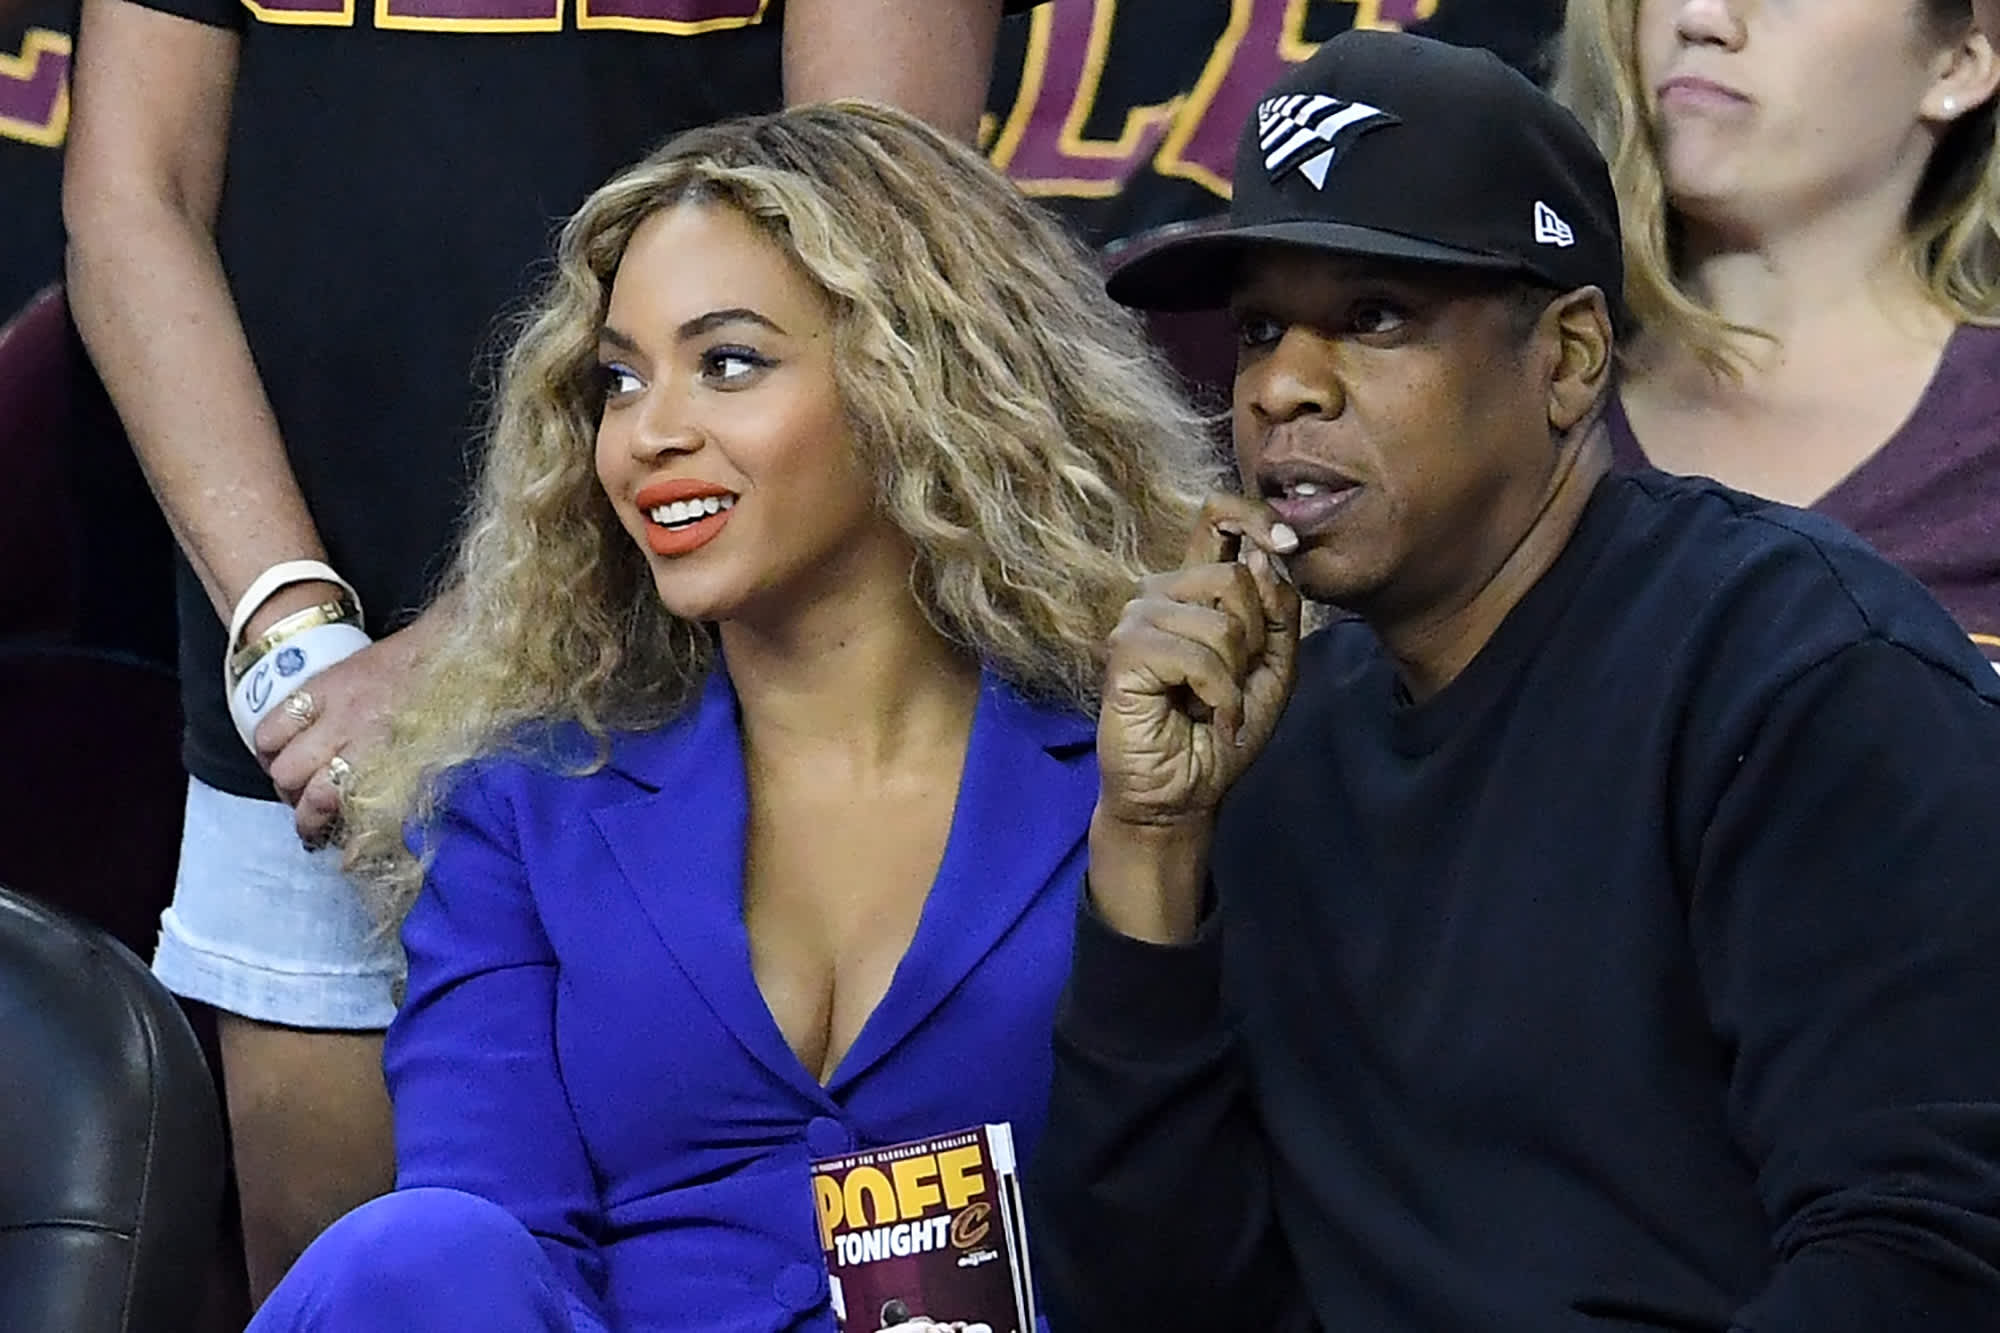 Cannabis company exec says Jay-Z partnership will fuel national growth